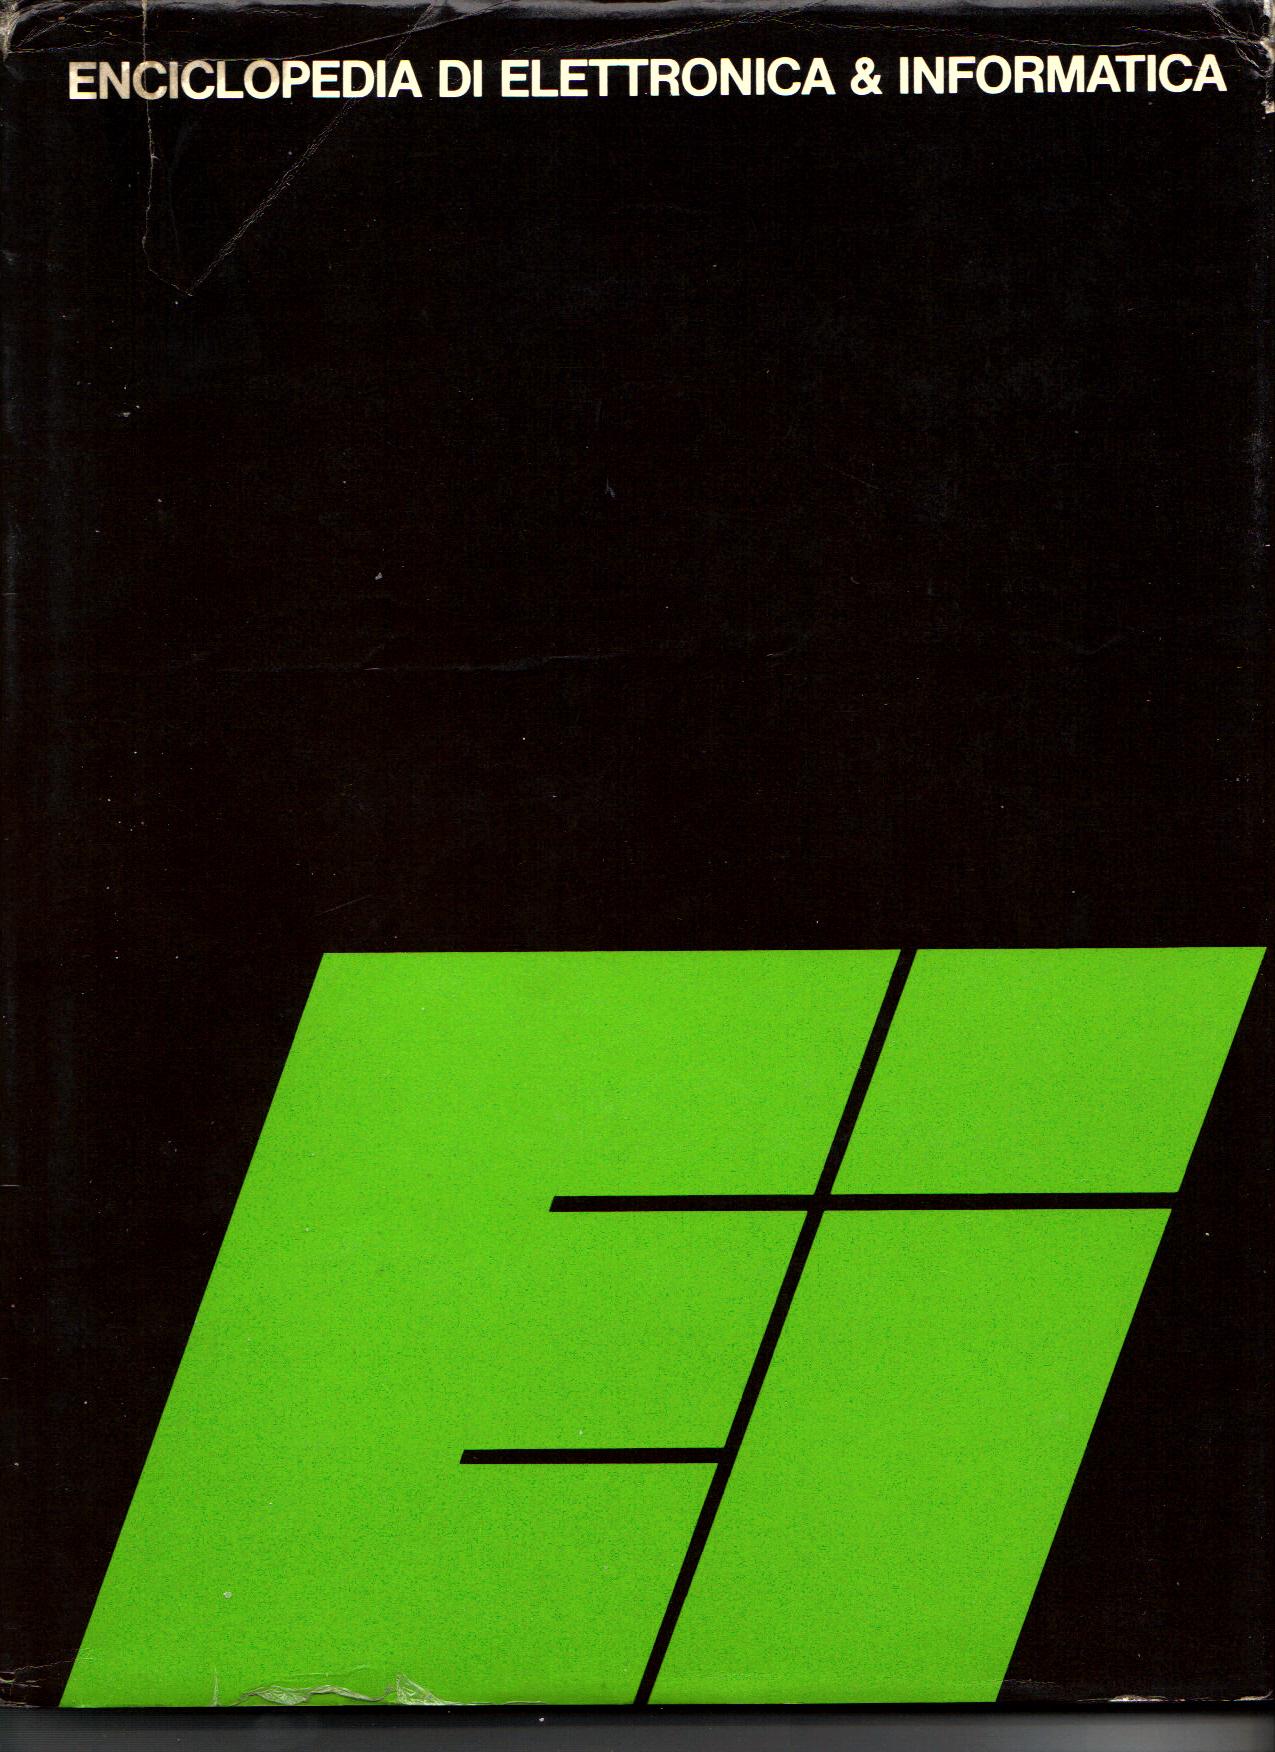 Enciclopedia di elettronica & informatica